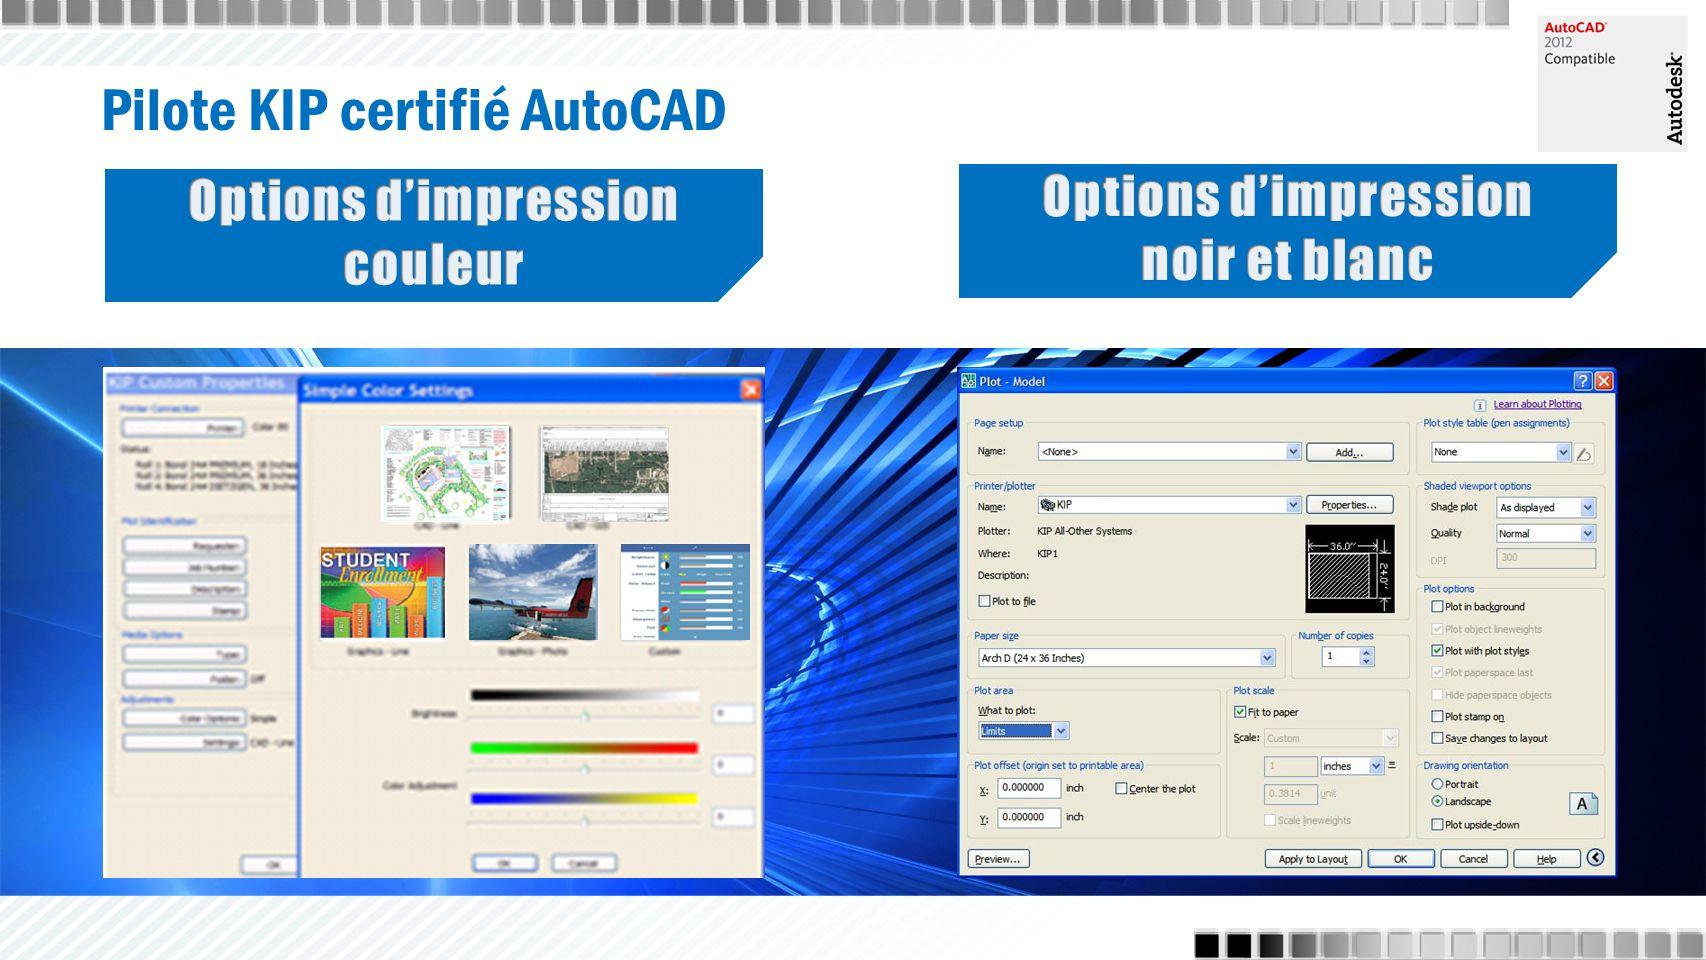 Pilote KIP certifié AutoCAD